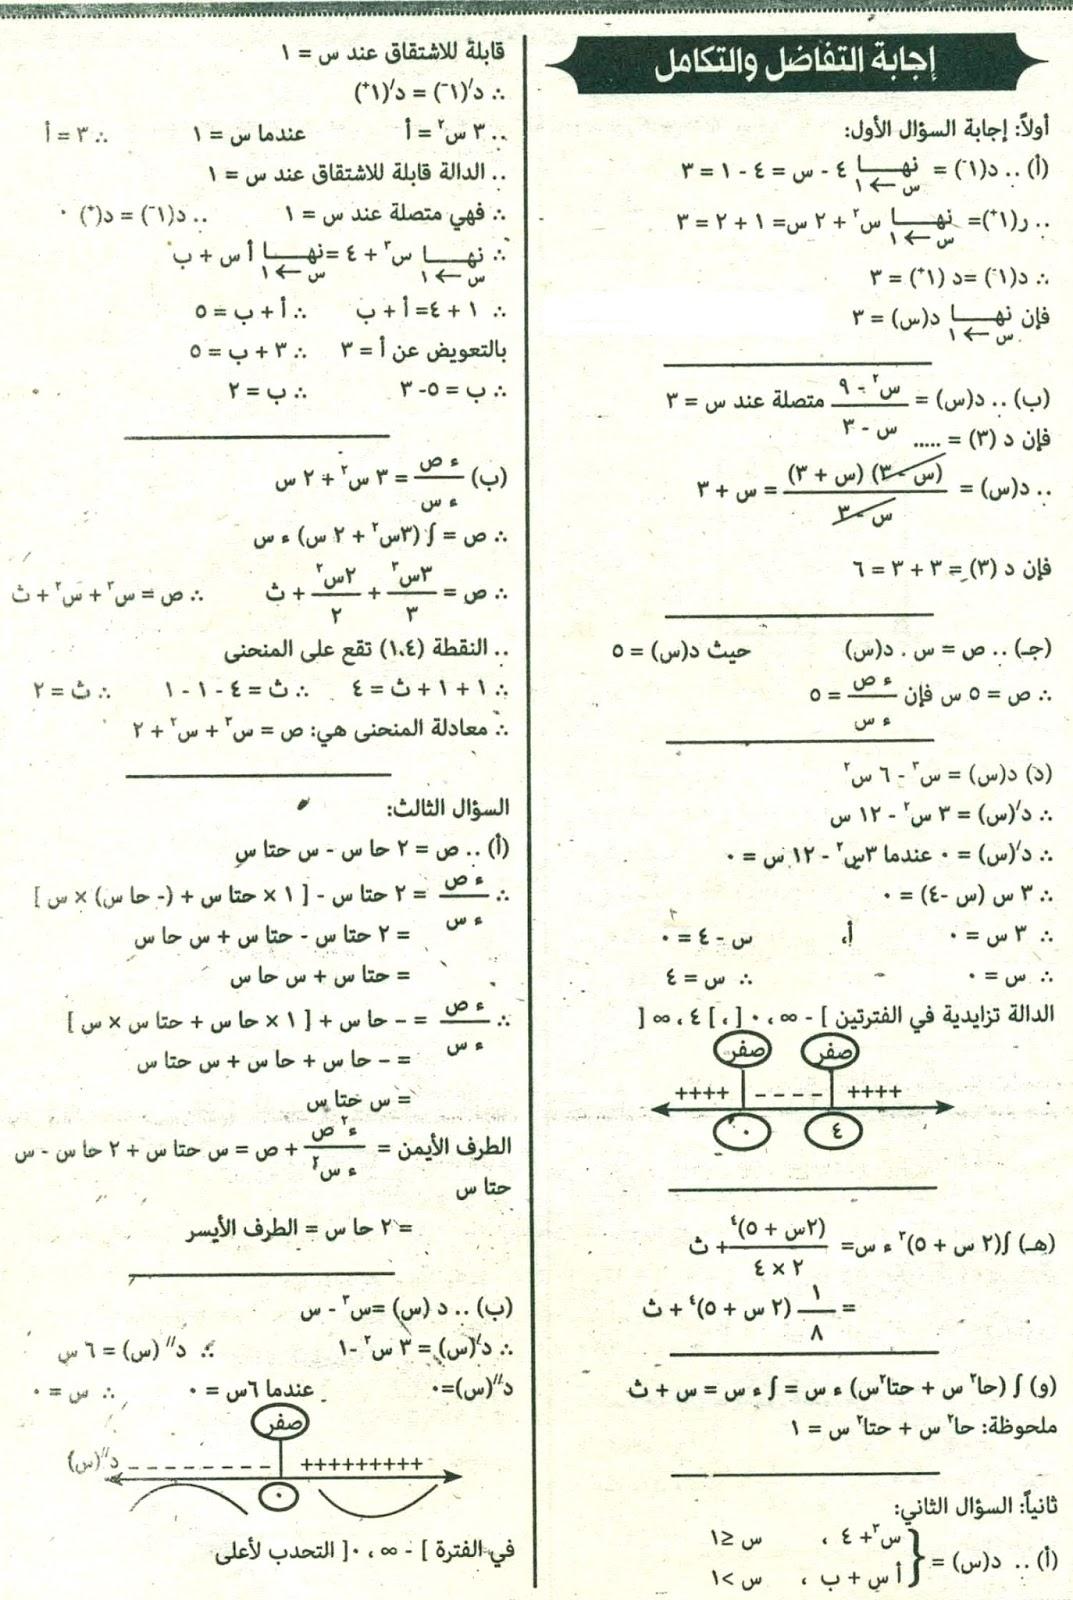 امتحان التفاضل والتكامل 2016 للثانوية العامة المصرية بالسودان 7